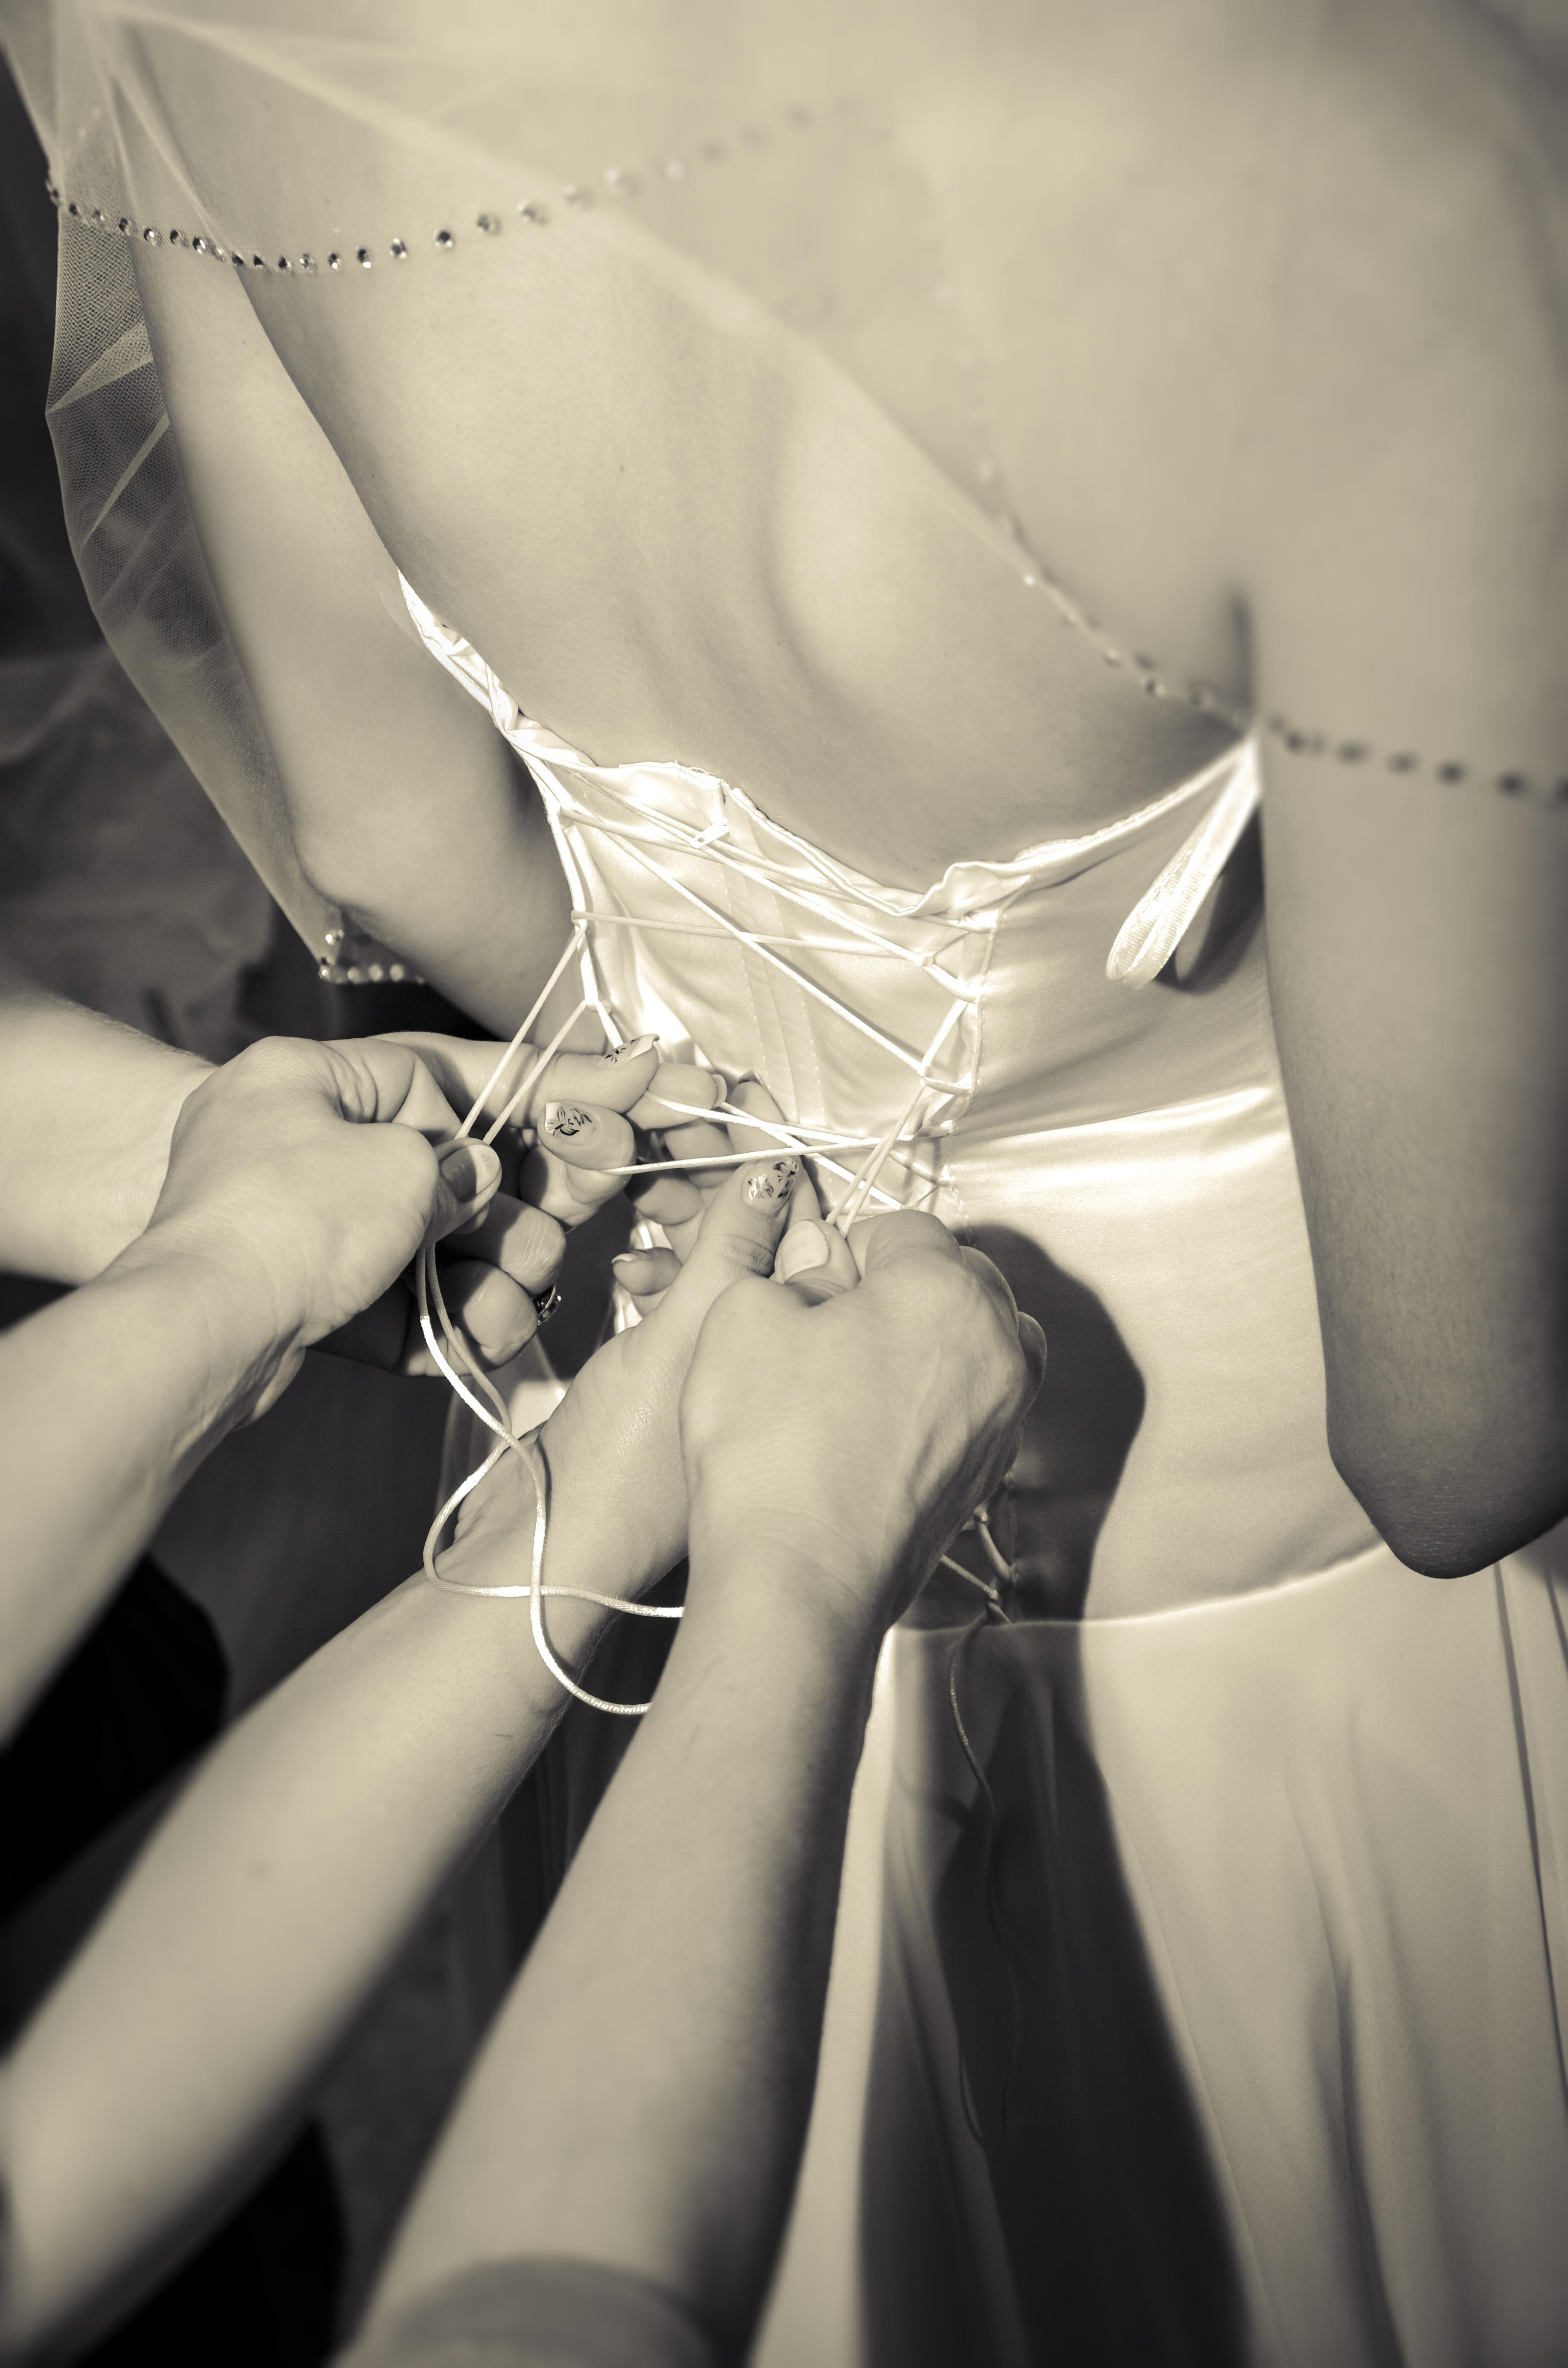 c7422d65 Bildet : hånd, svart og hvit, kvinne, bein, kjærlighet, modell, mote, klær,  dame, væpne, bryllup, brud, ekteskap, bryst, nærbilde, undertøy, kjole, ...